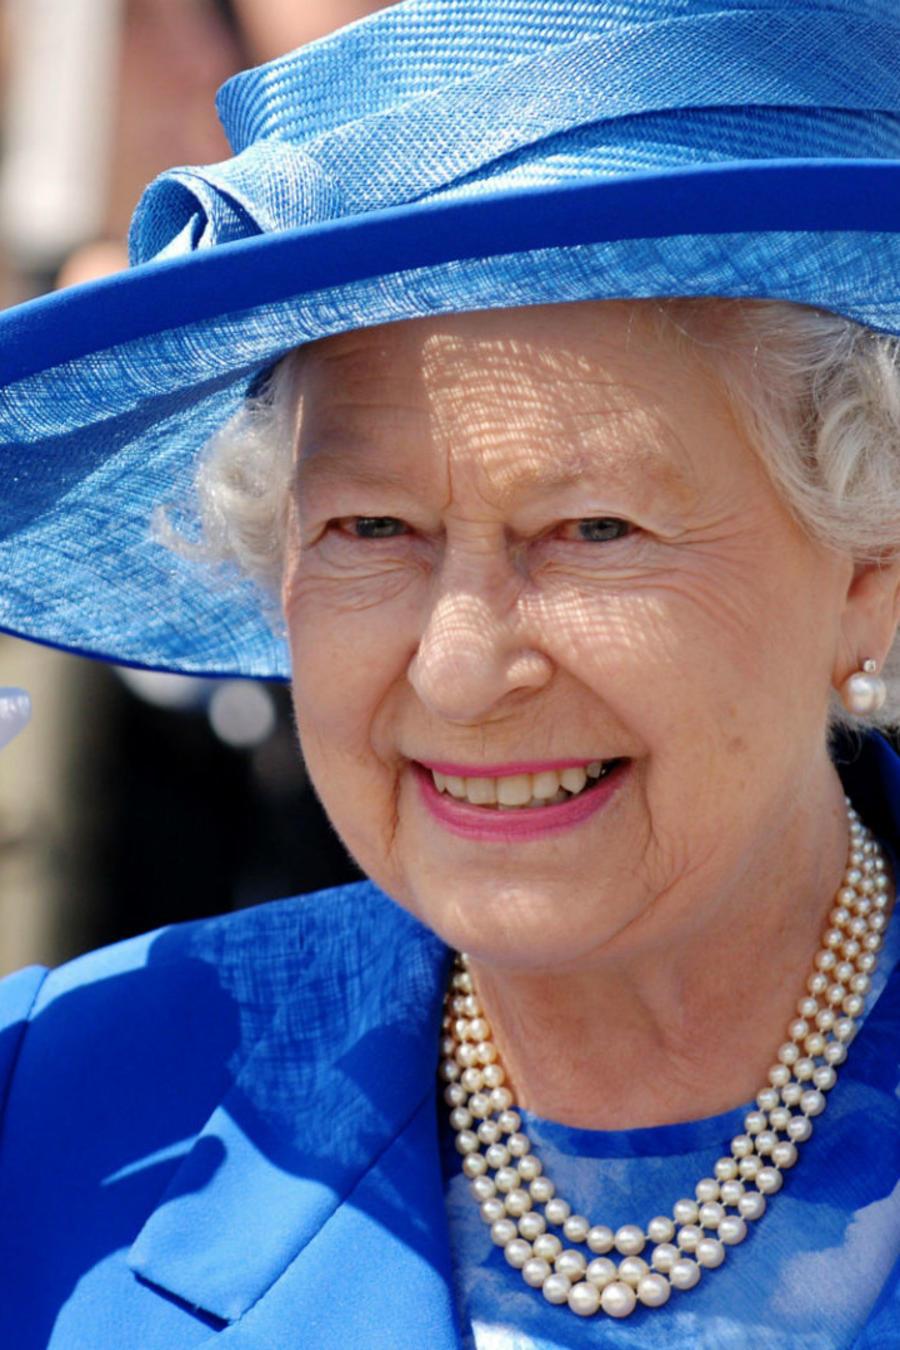 Reina Elizabeth saludando con la mano